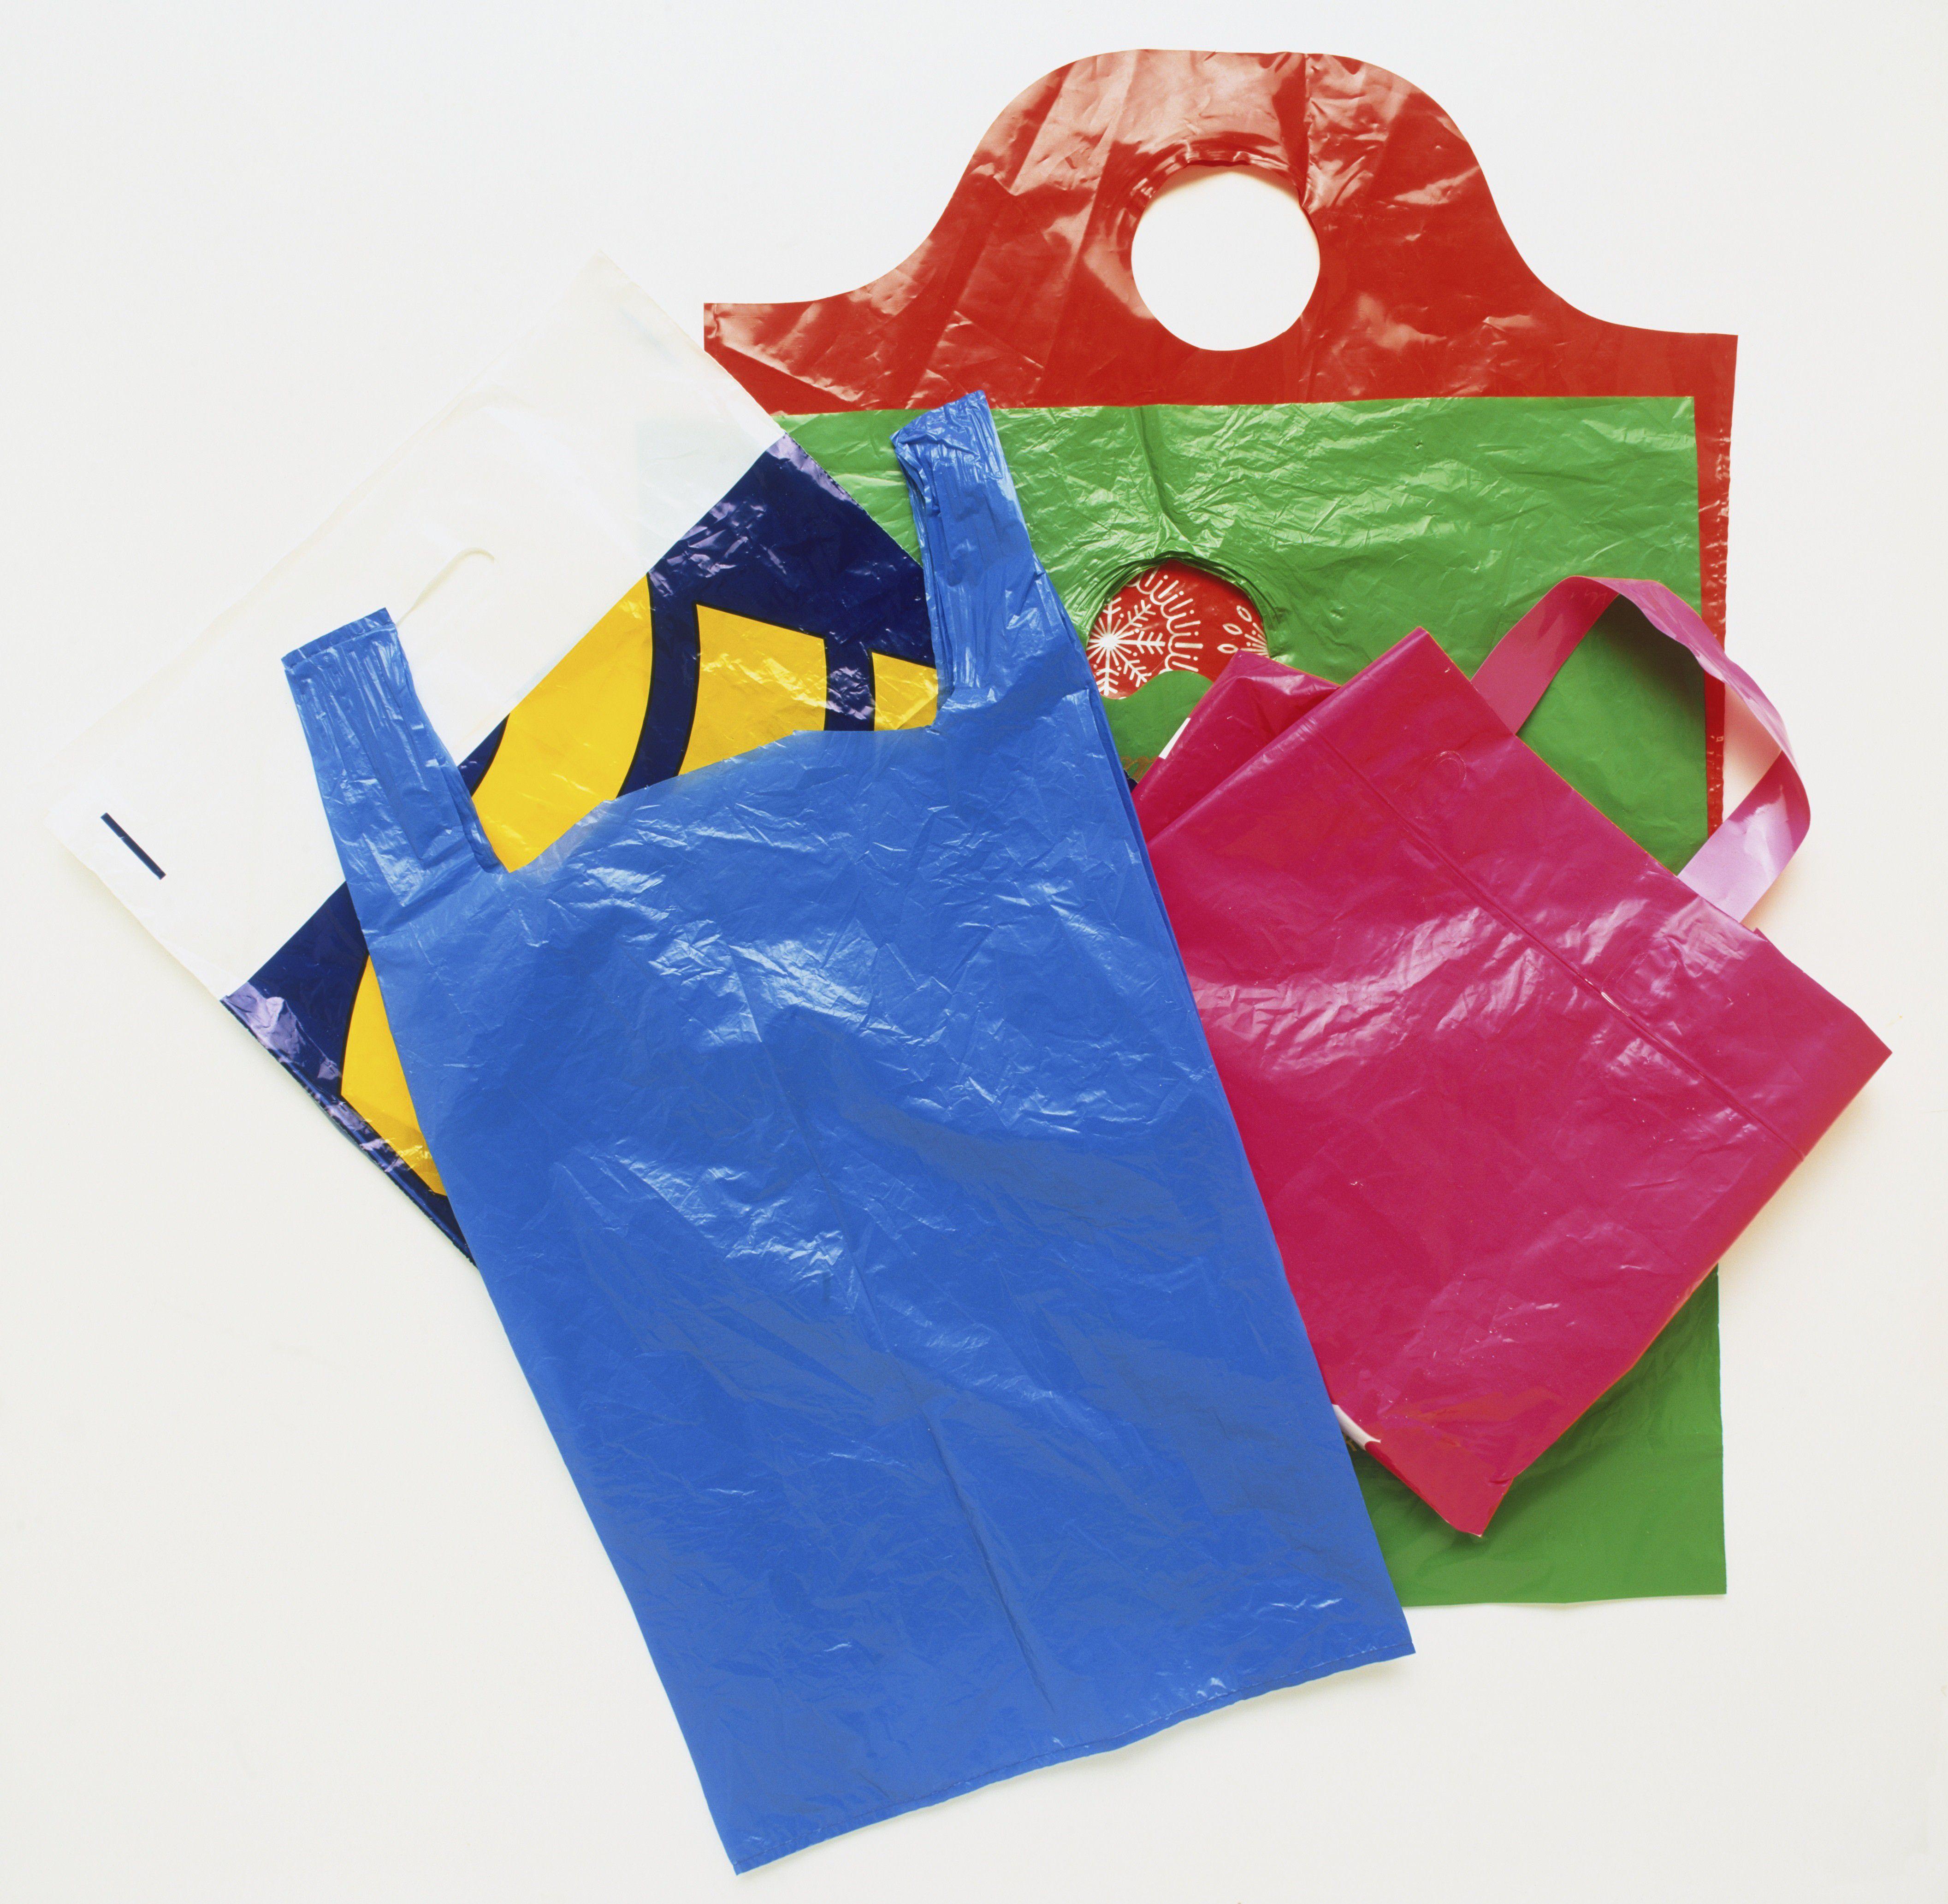 Plastic bag reuse ideas.